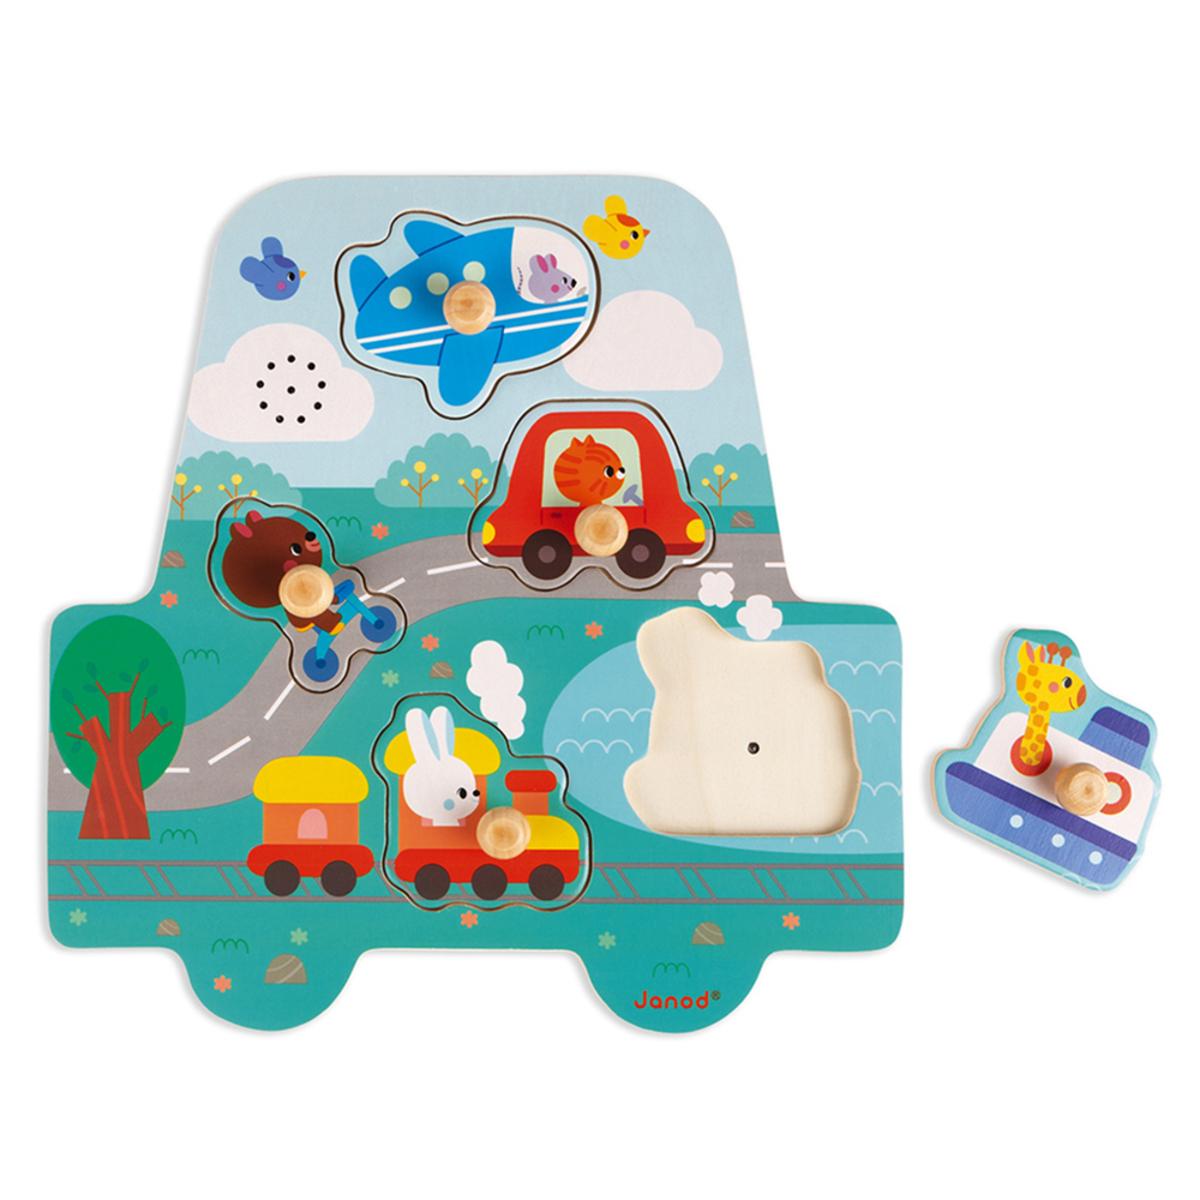 Mes premiers jouets Puzzle Musical Les Petits Bolides